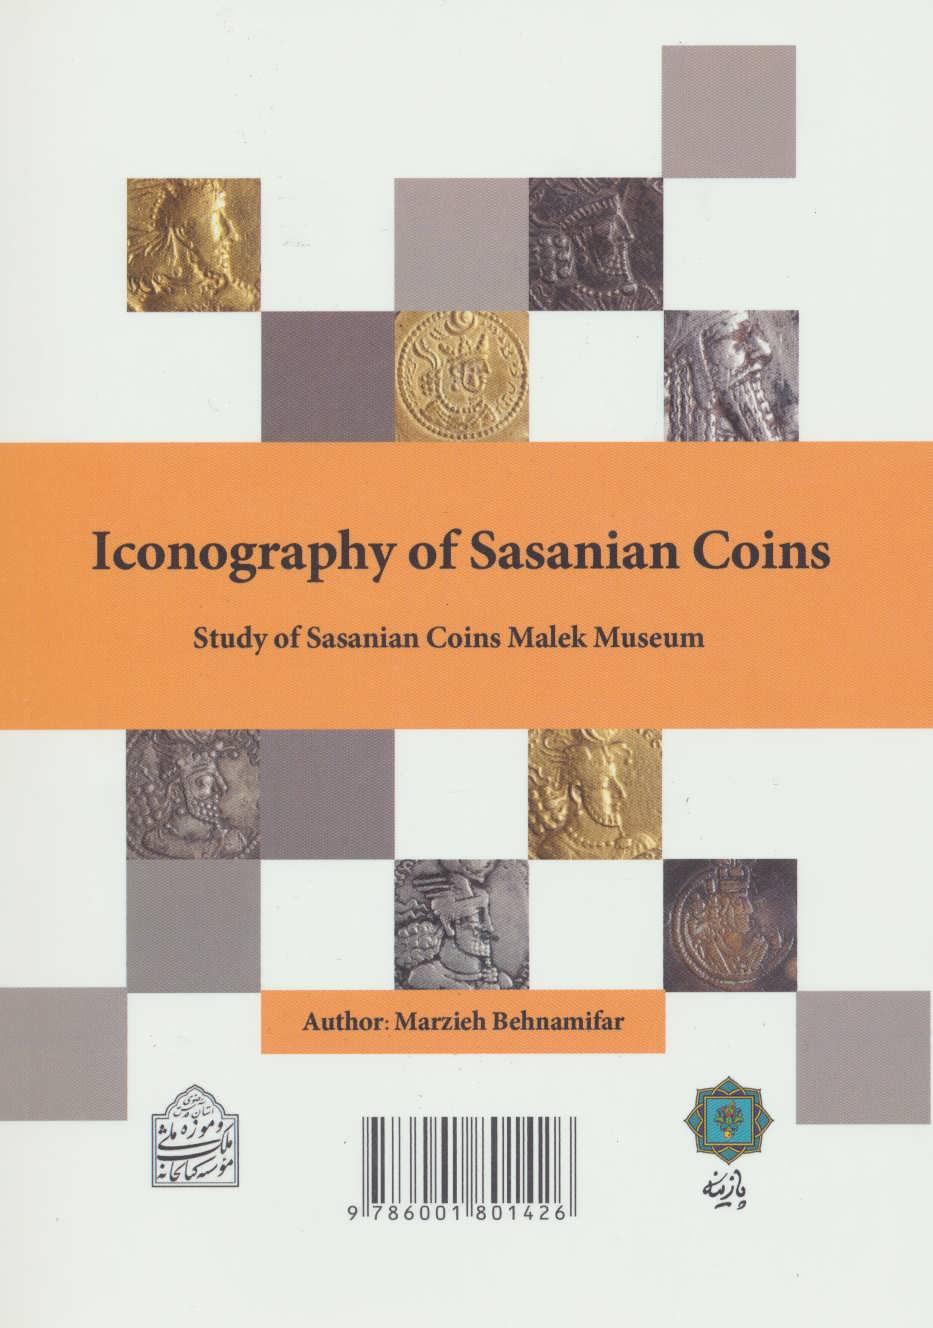 آیکونوگرافی سکه های ساسانی